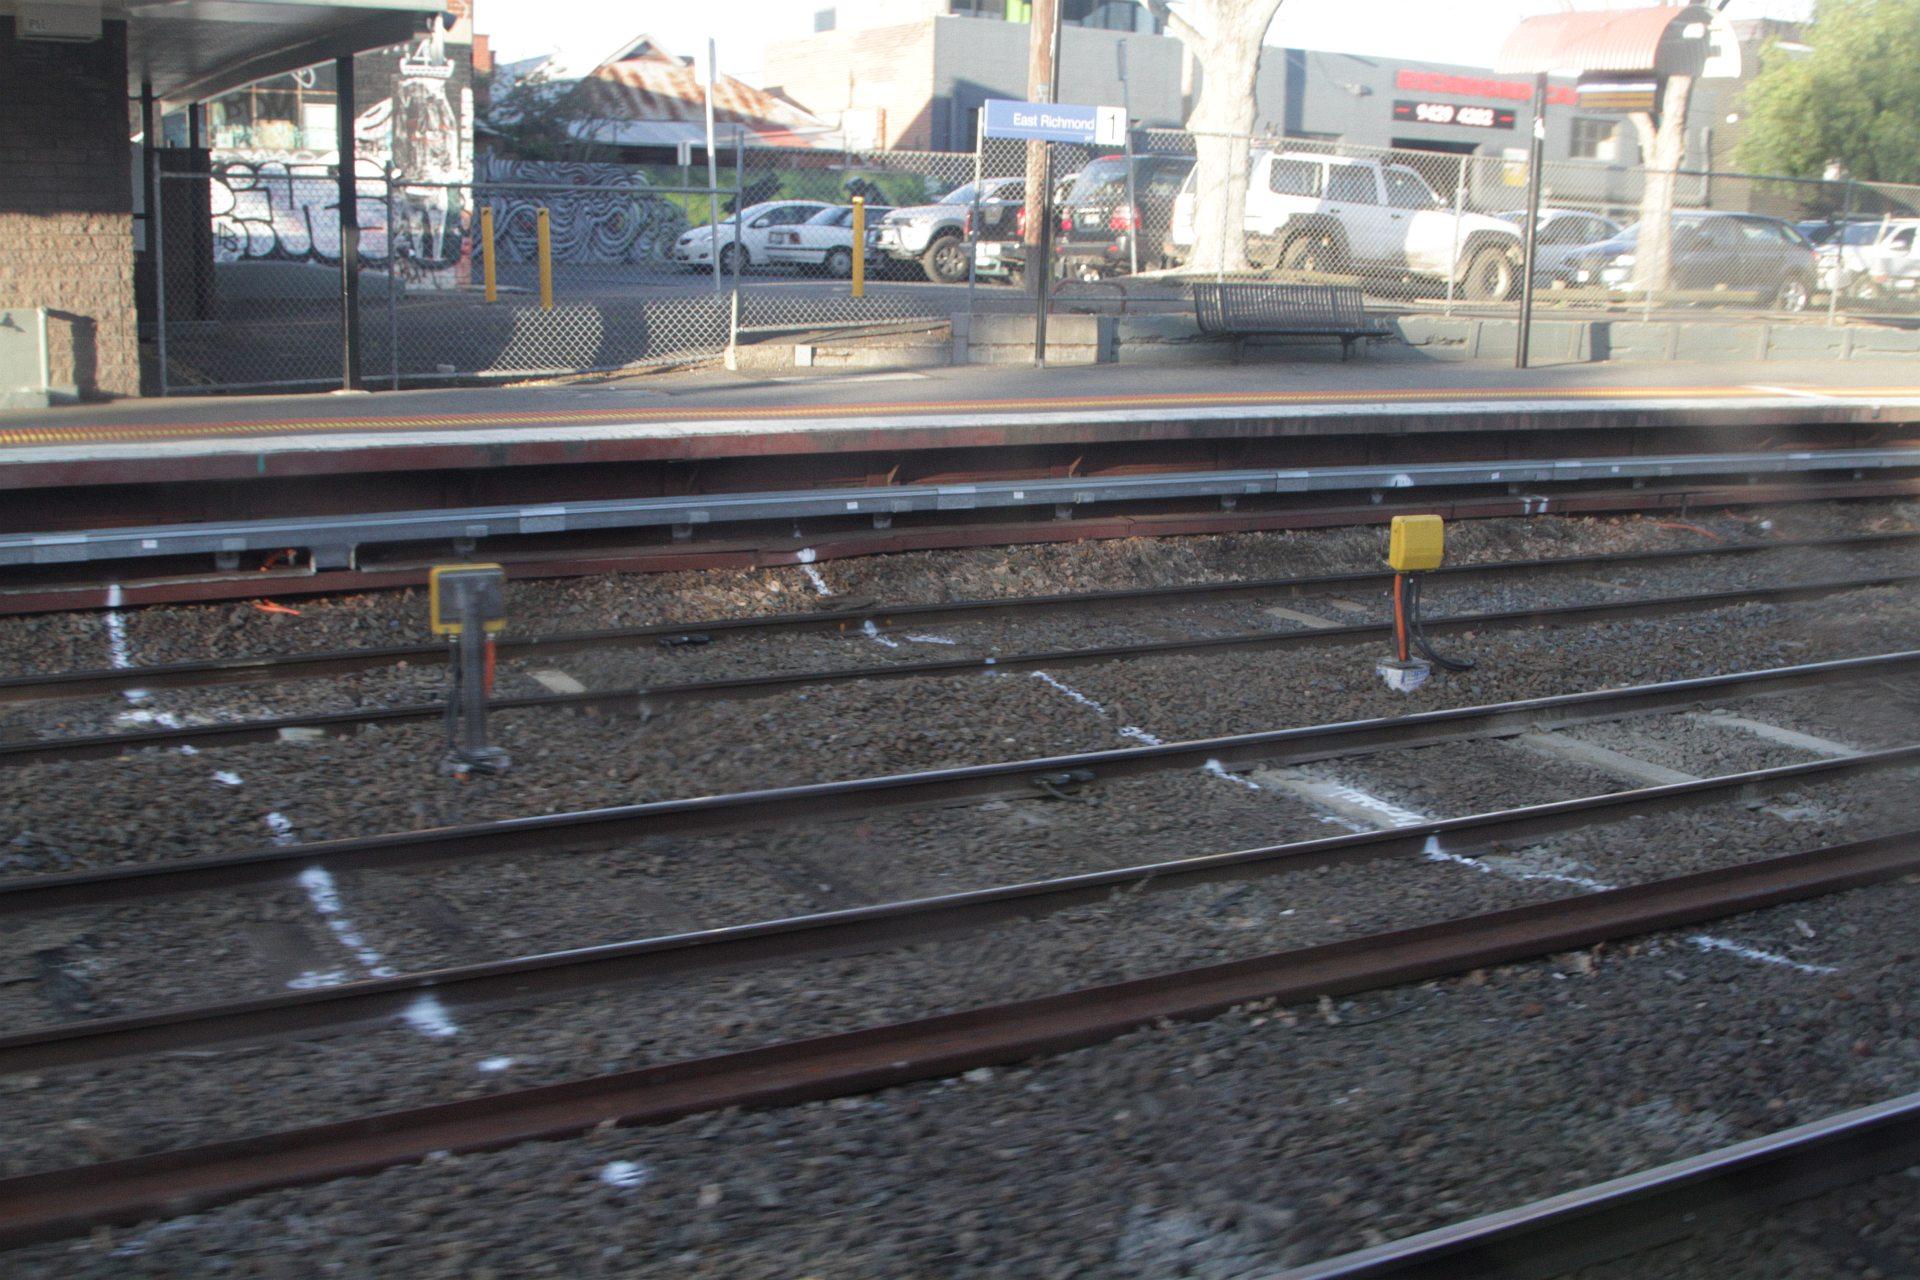 richmond bound train announces - HD1920×1280